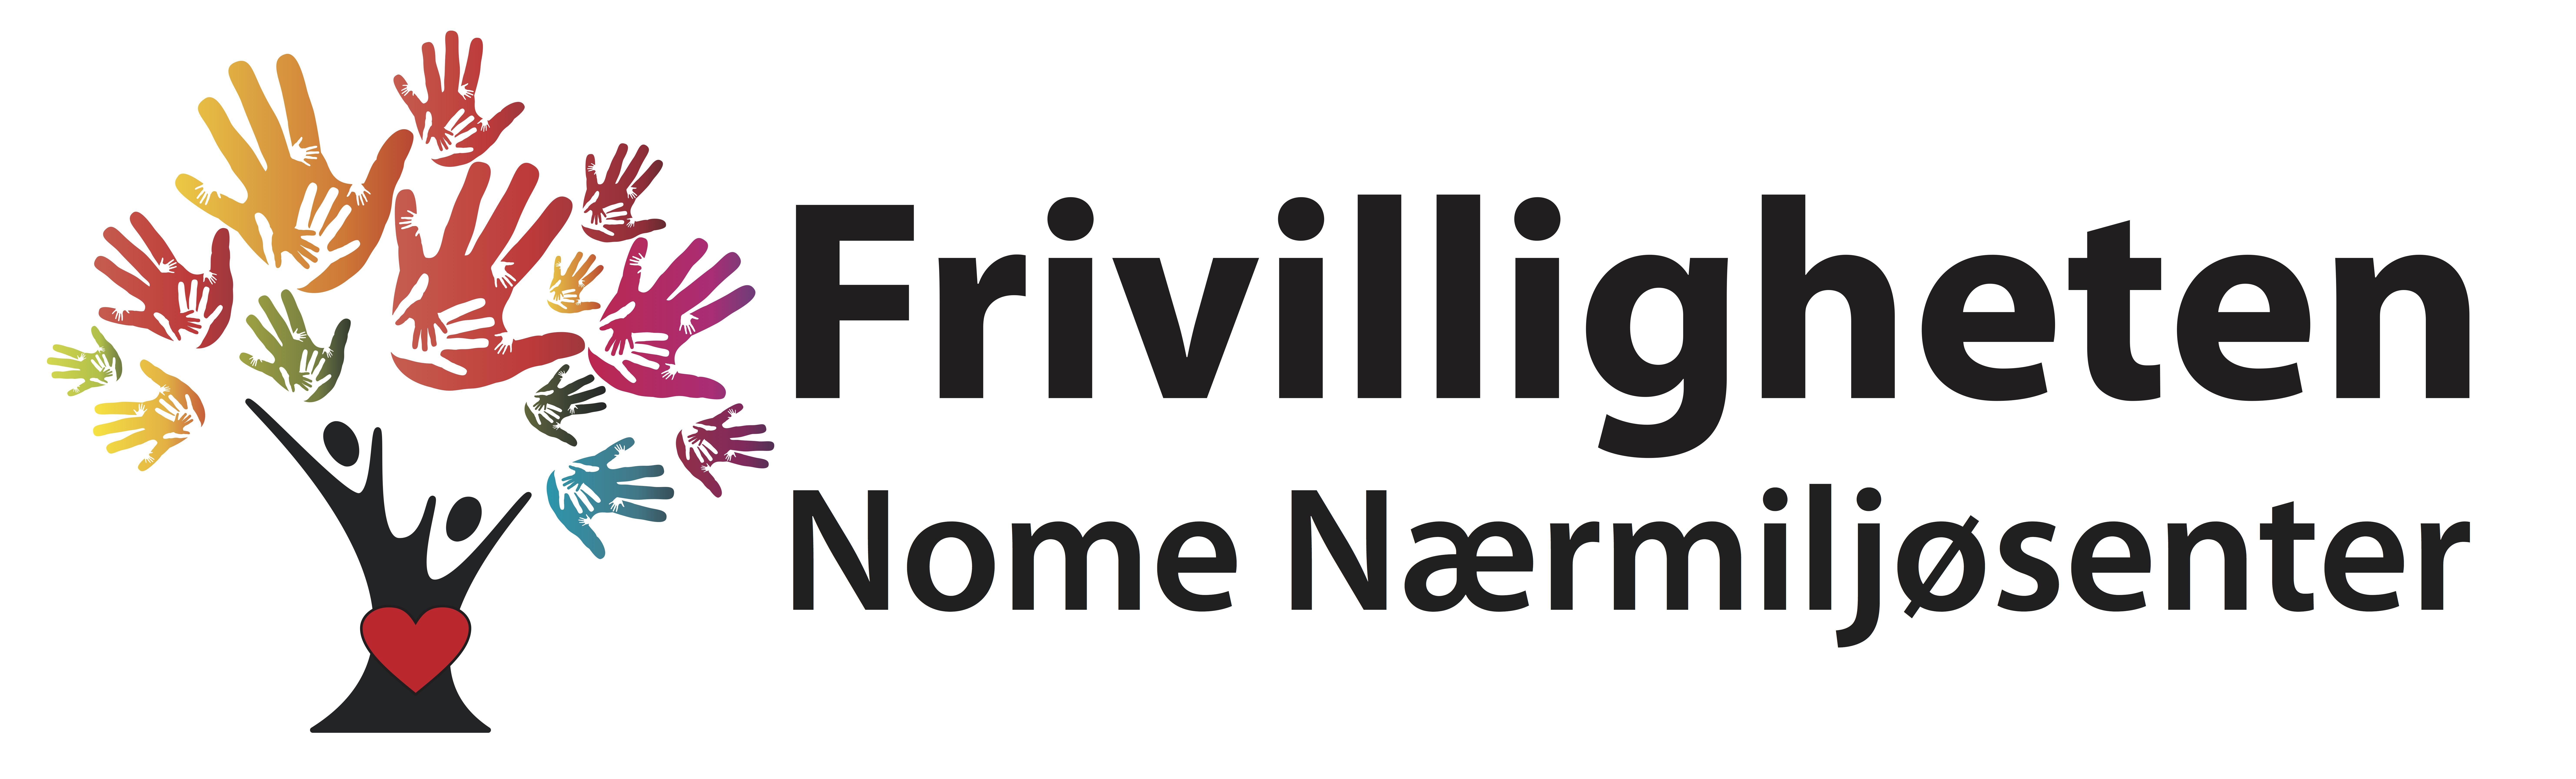 © Nome Nærmiljøsenter v/Solbjørg Holter